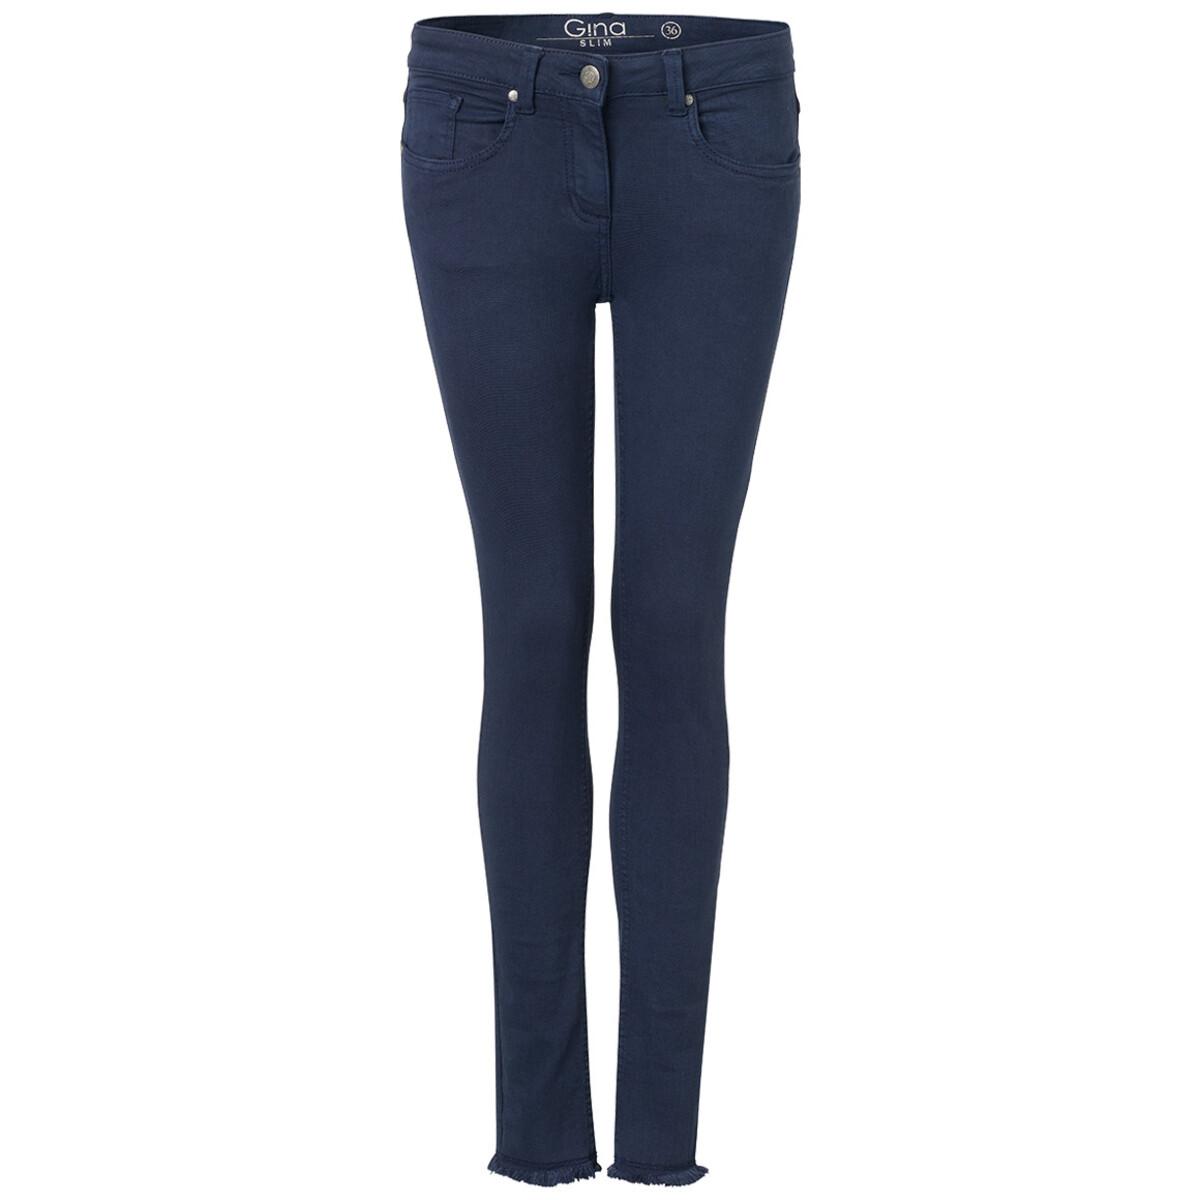 Bild 1 von Damen Slim-Jeans mit schmalem Bein